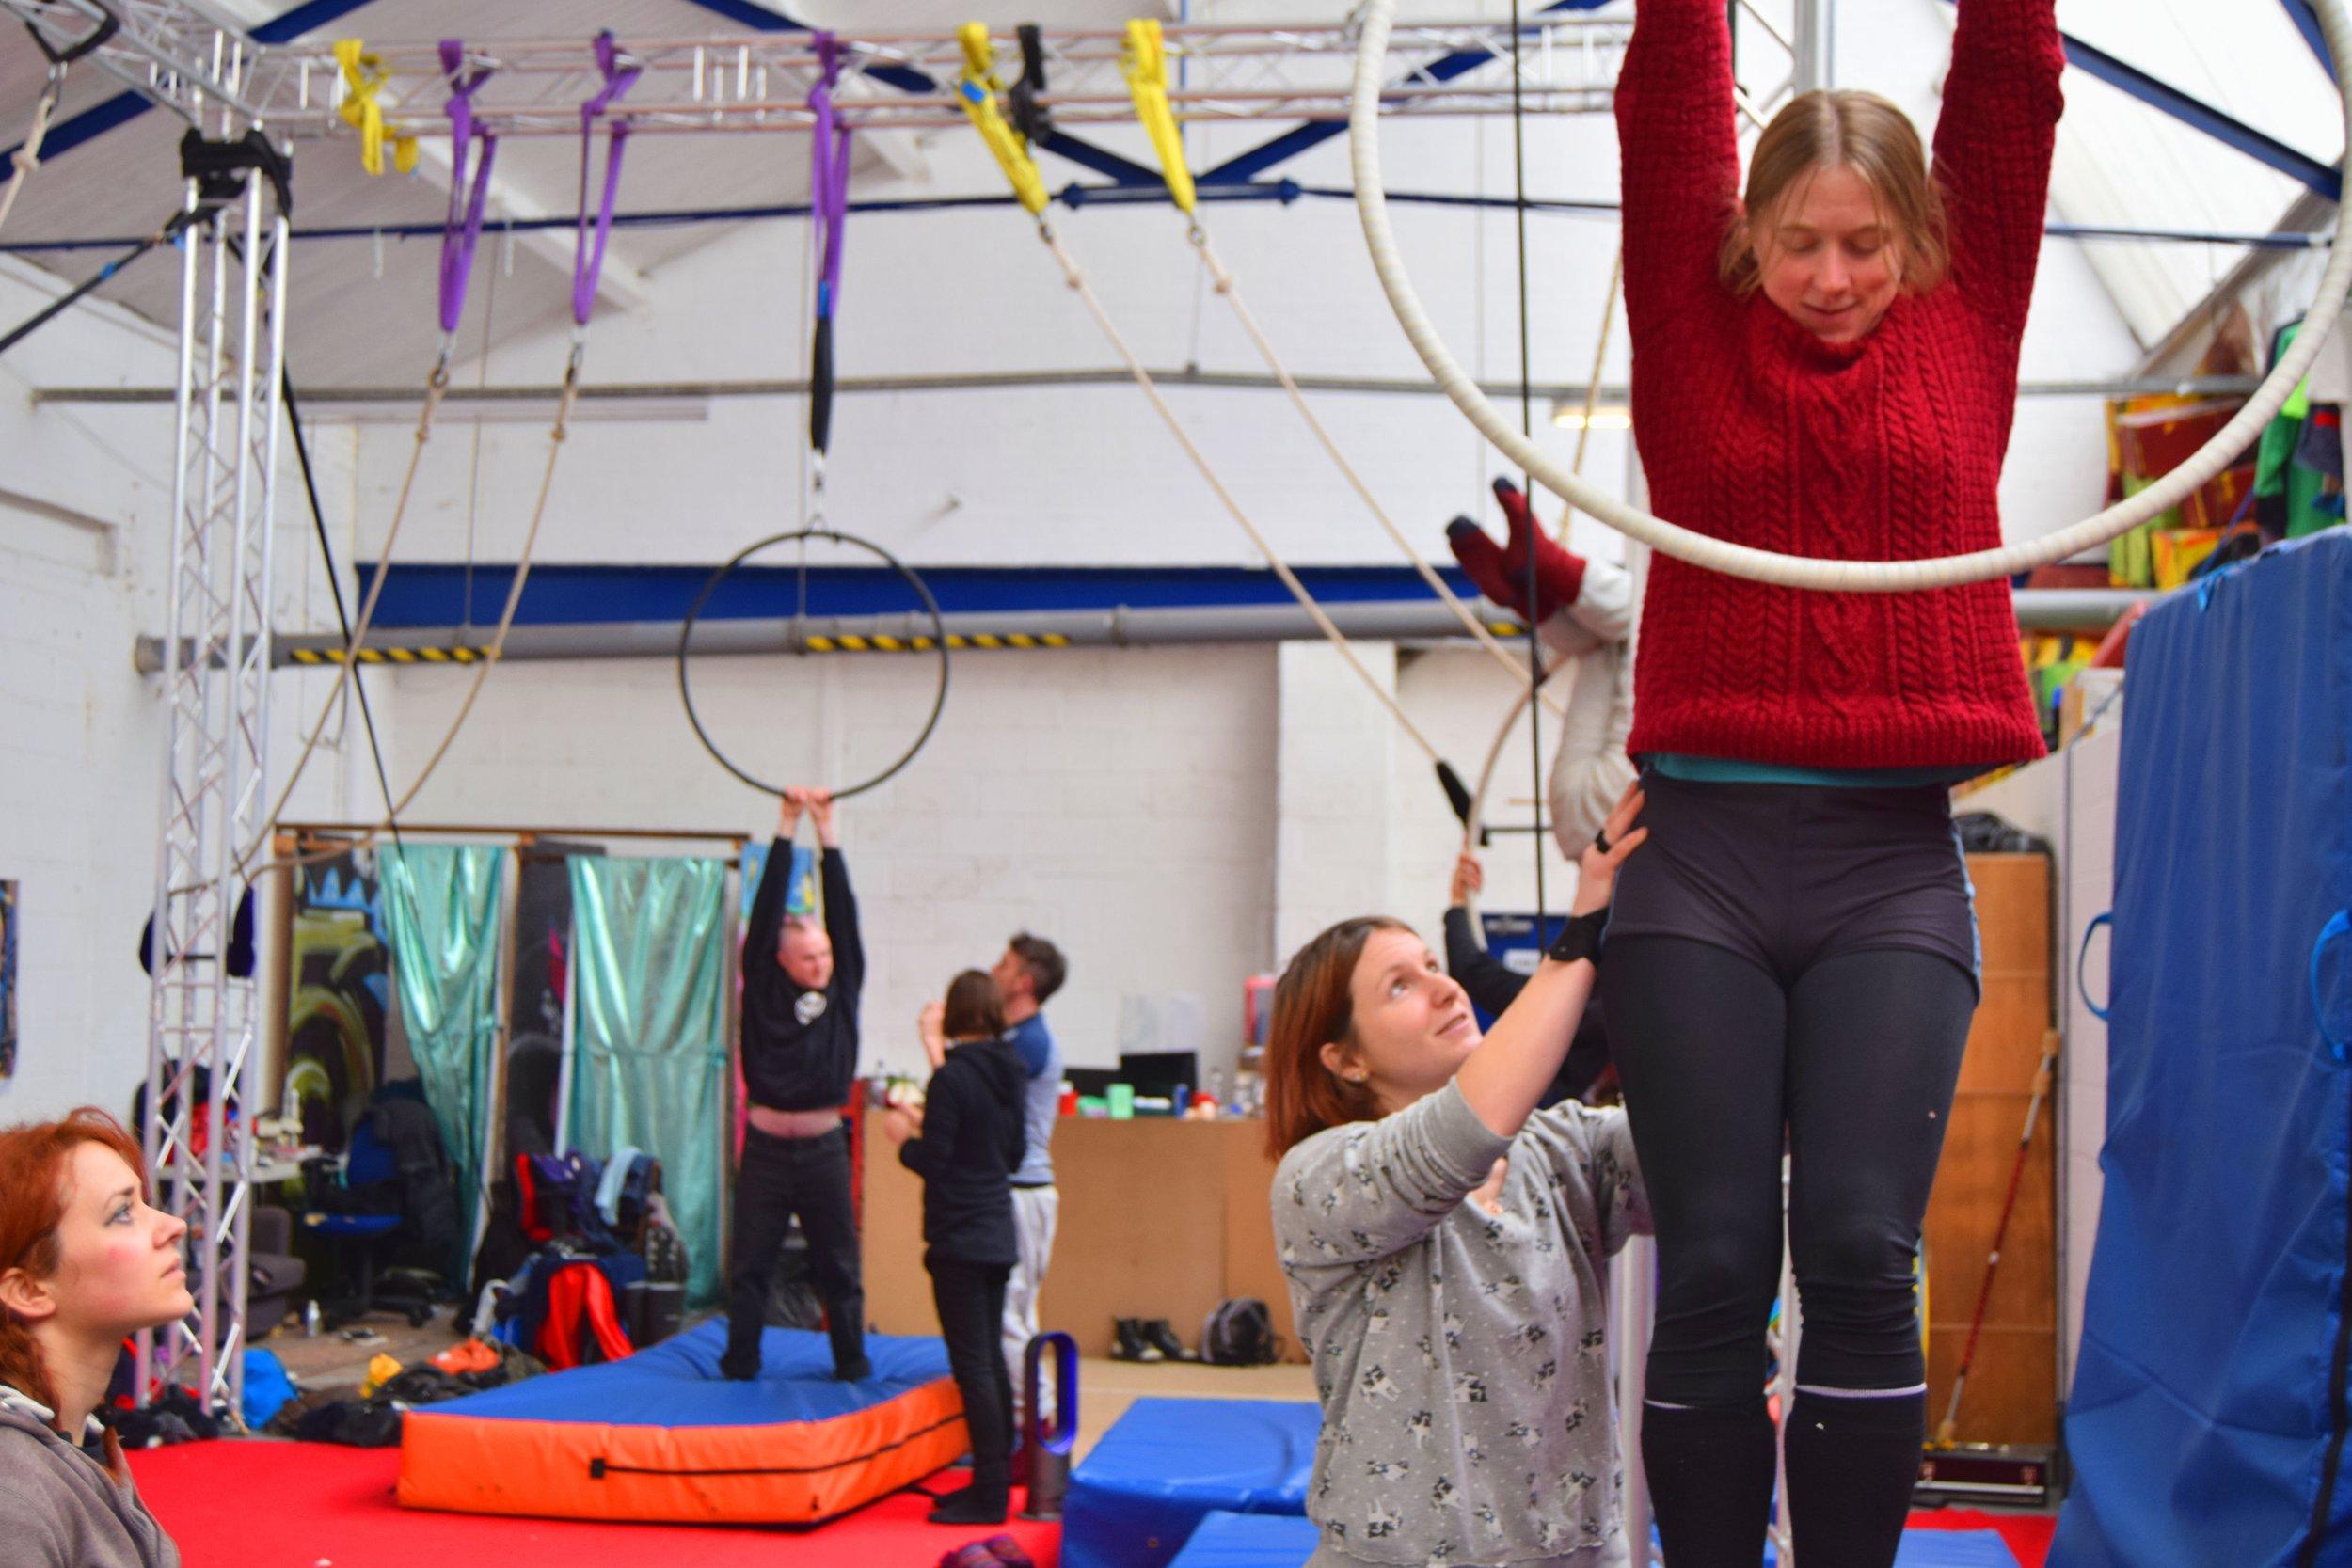 Aerial Hoop Workshop as part of the Aerial Development Programme